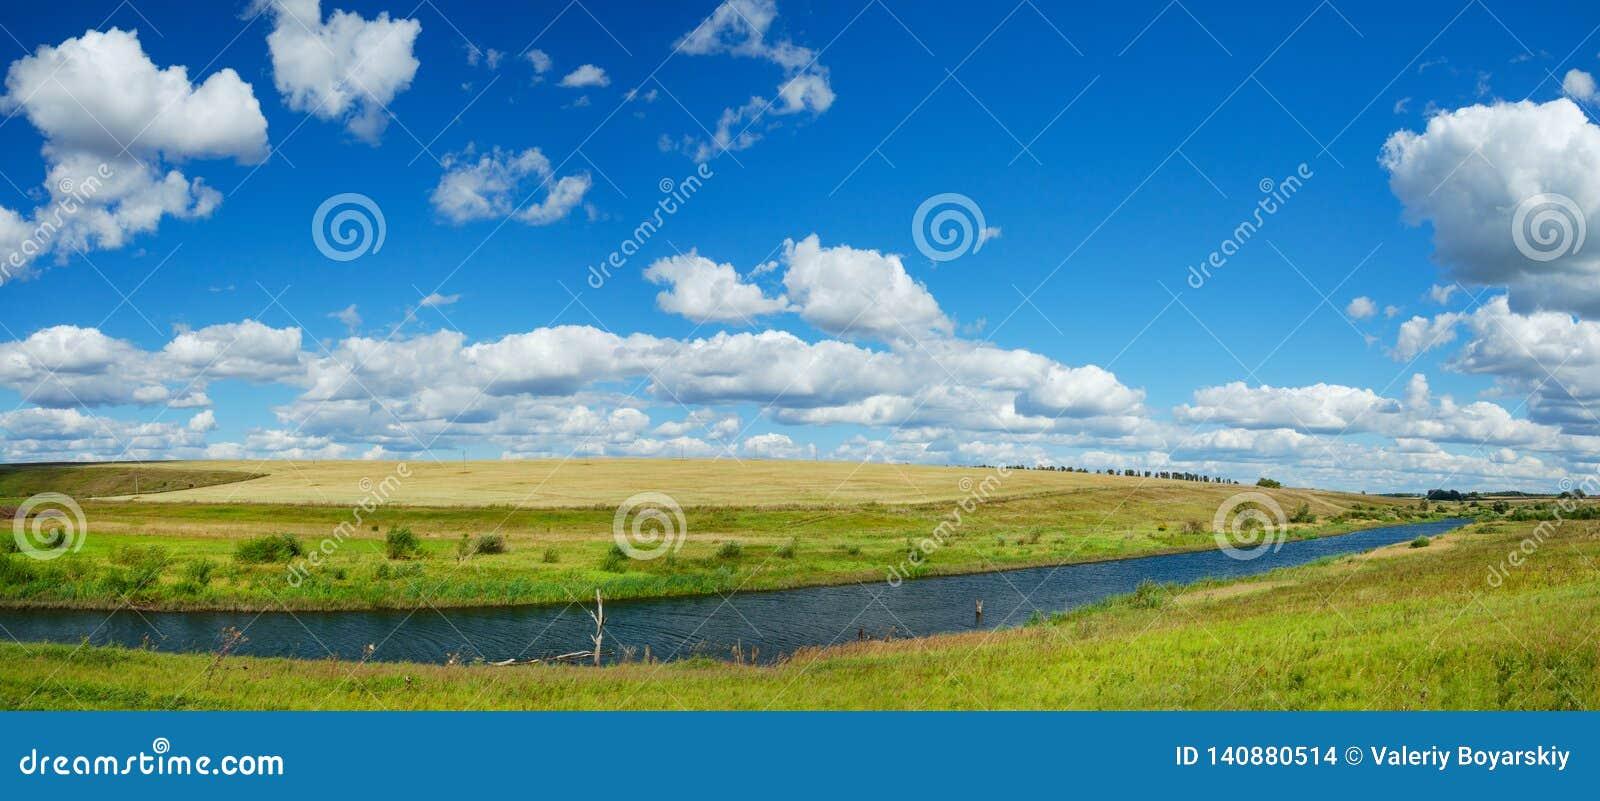 Paisaje panorámico del verano soleado con el río, los campos de oro, las colinas verdes y las nubes hermosas en cielo azul